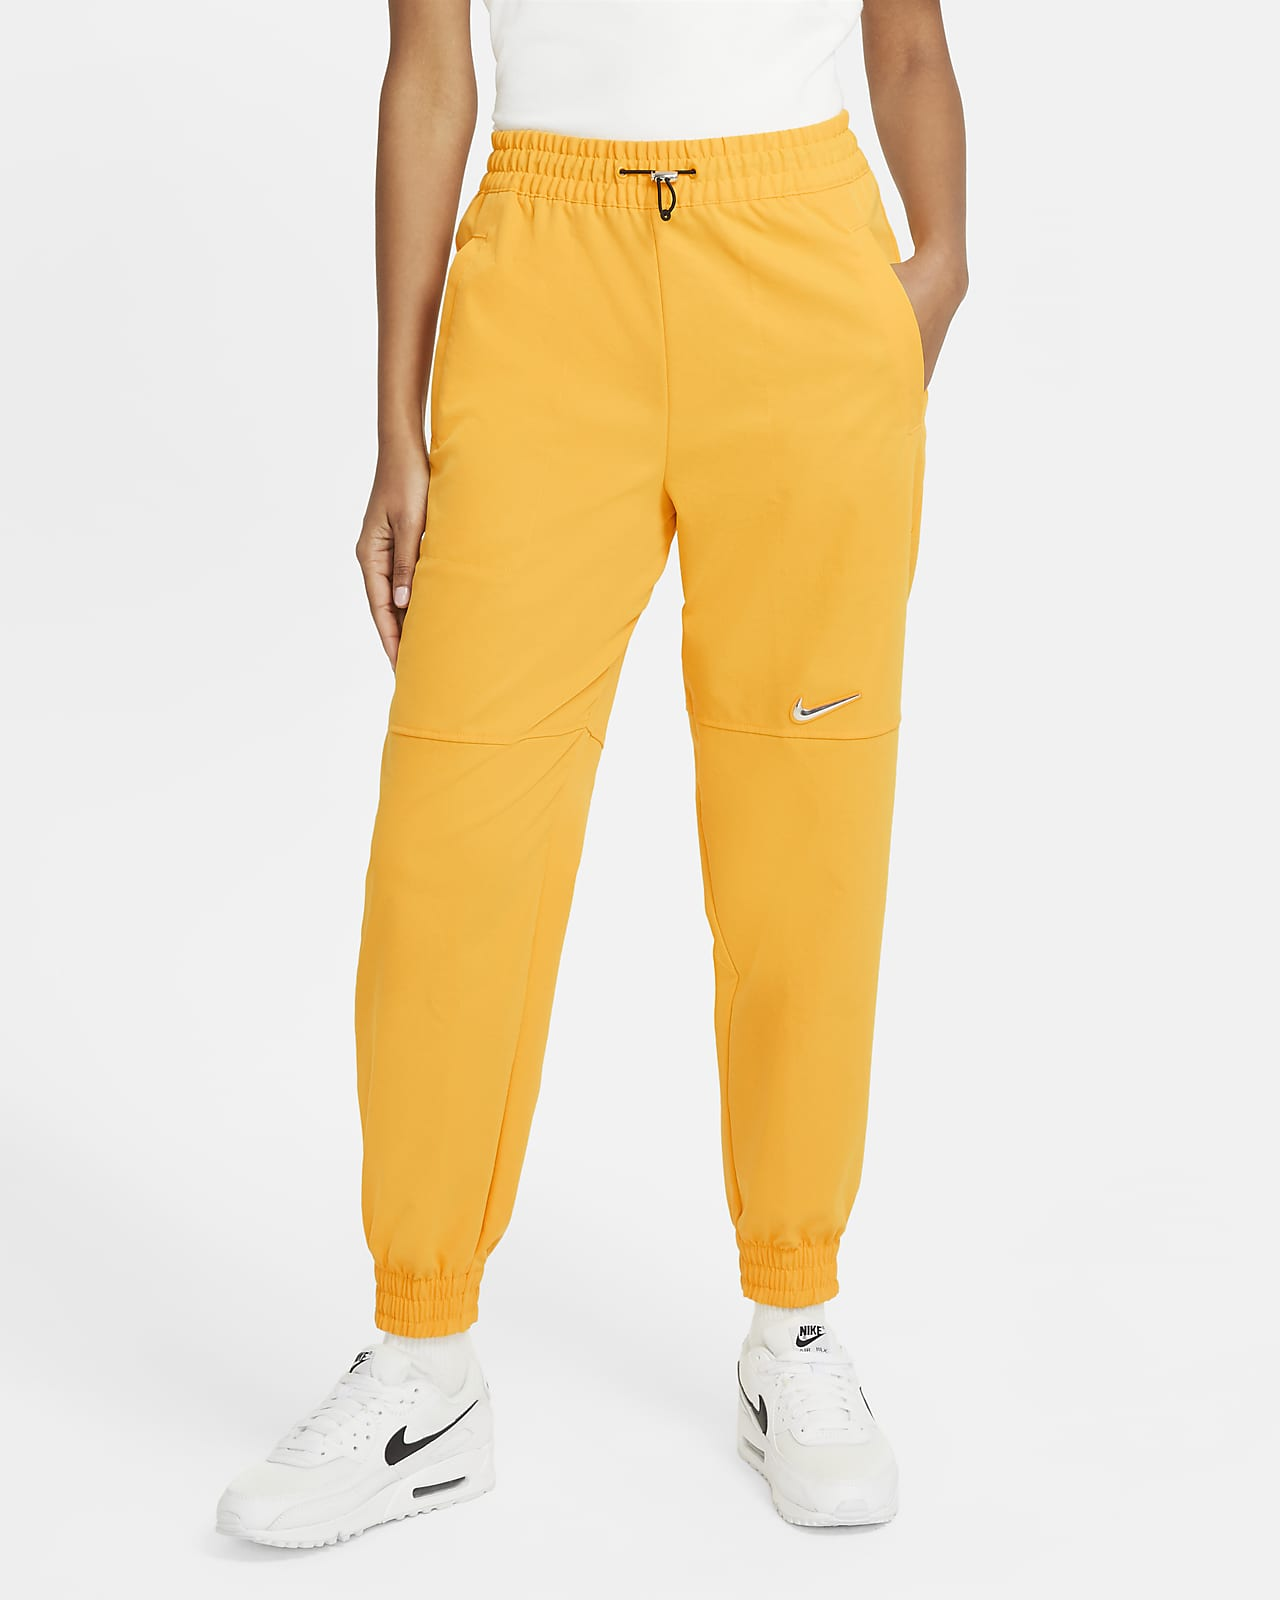 Nike Sportswear Swoosh Women's Woven Trousers